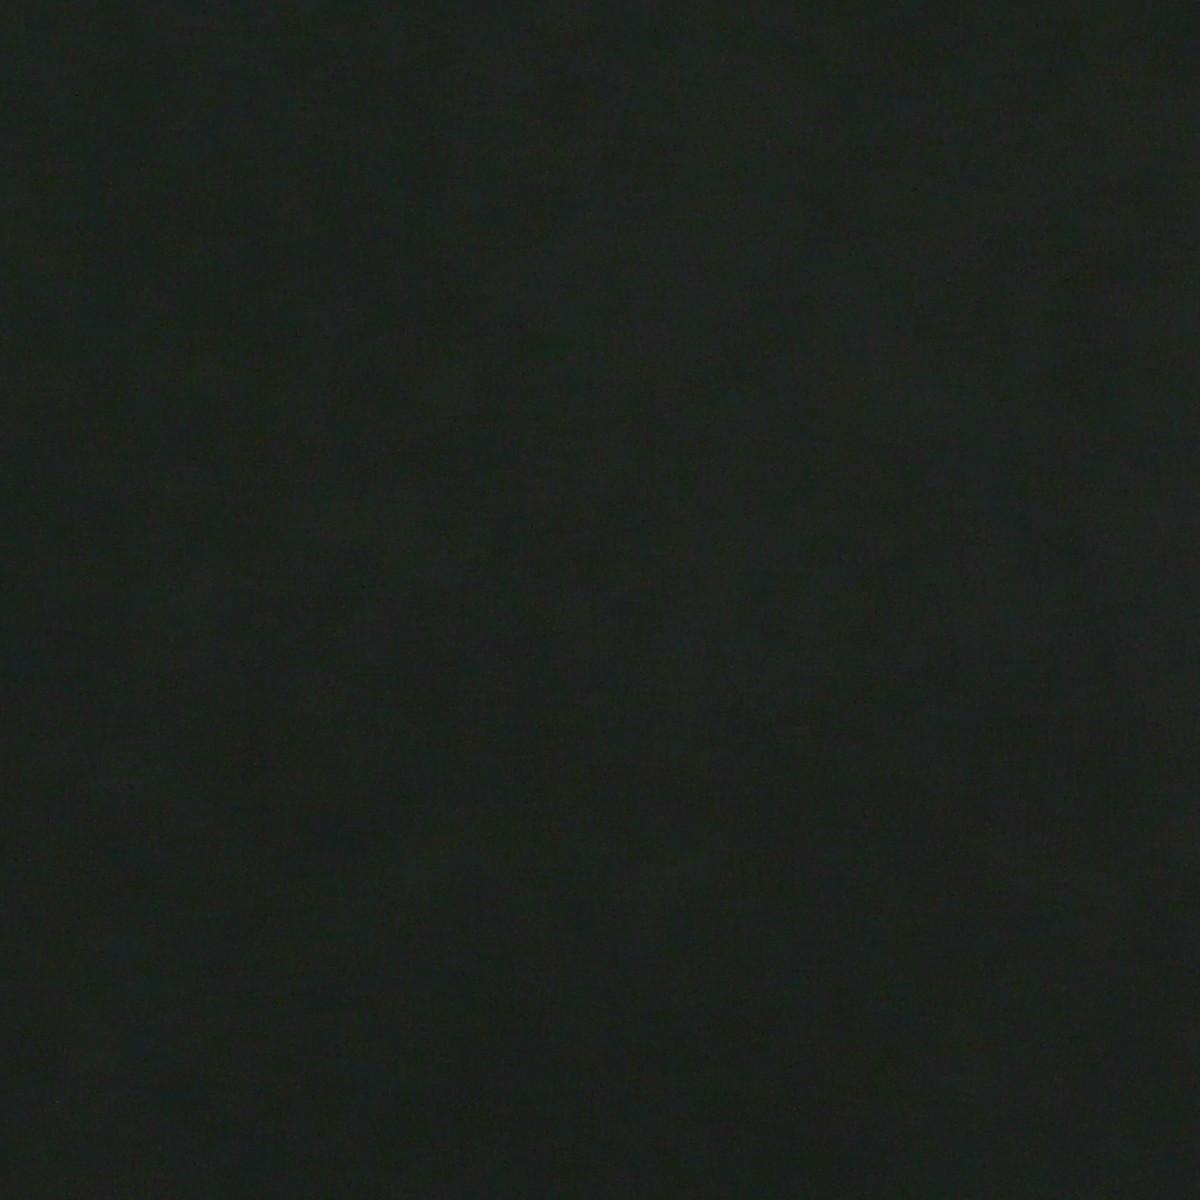 Bezugsstoff Möbelstoff Polsterstoff Microfaser Meterware schwarz